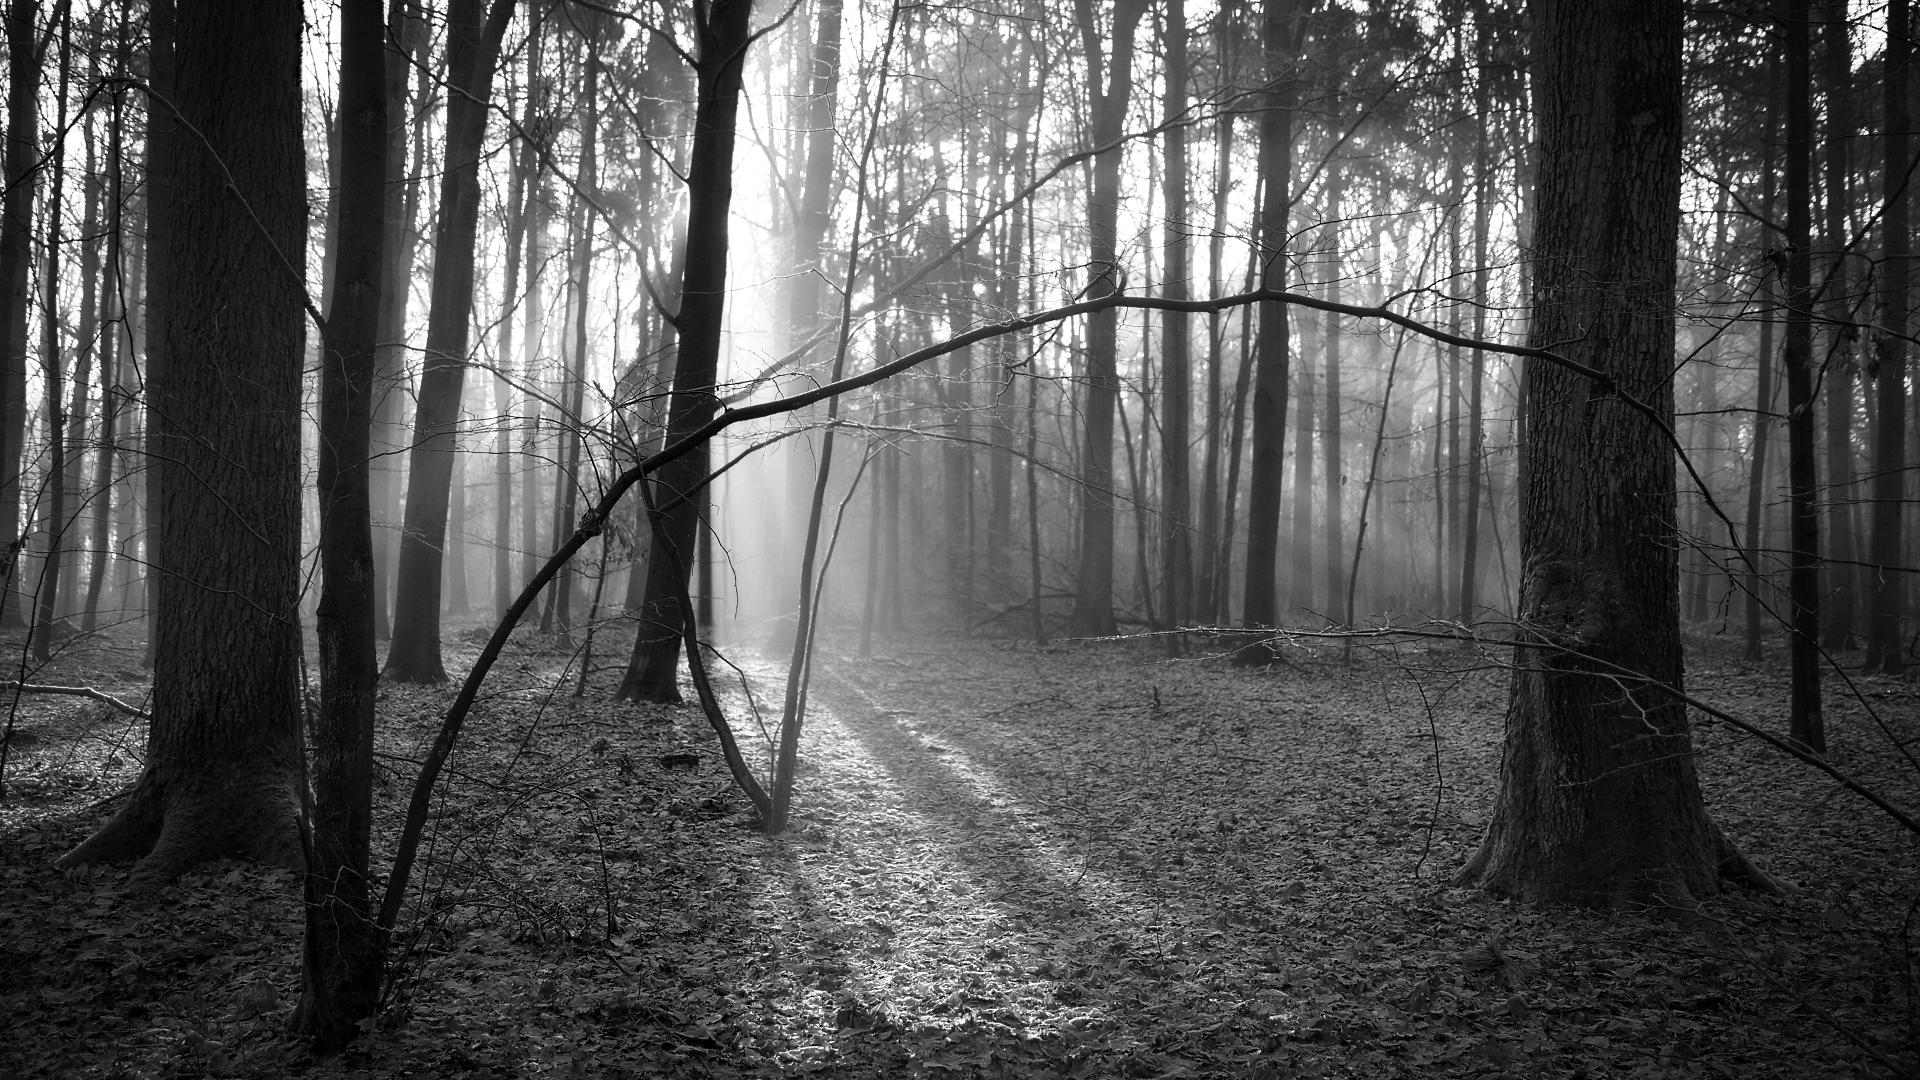 Hintergrundbilder sonnenlicht landschaft wald for Foto hd bianco e nero